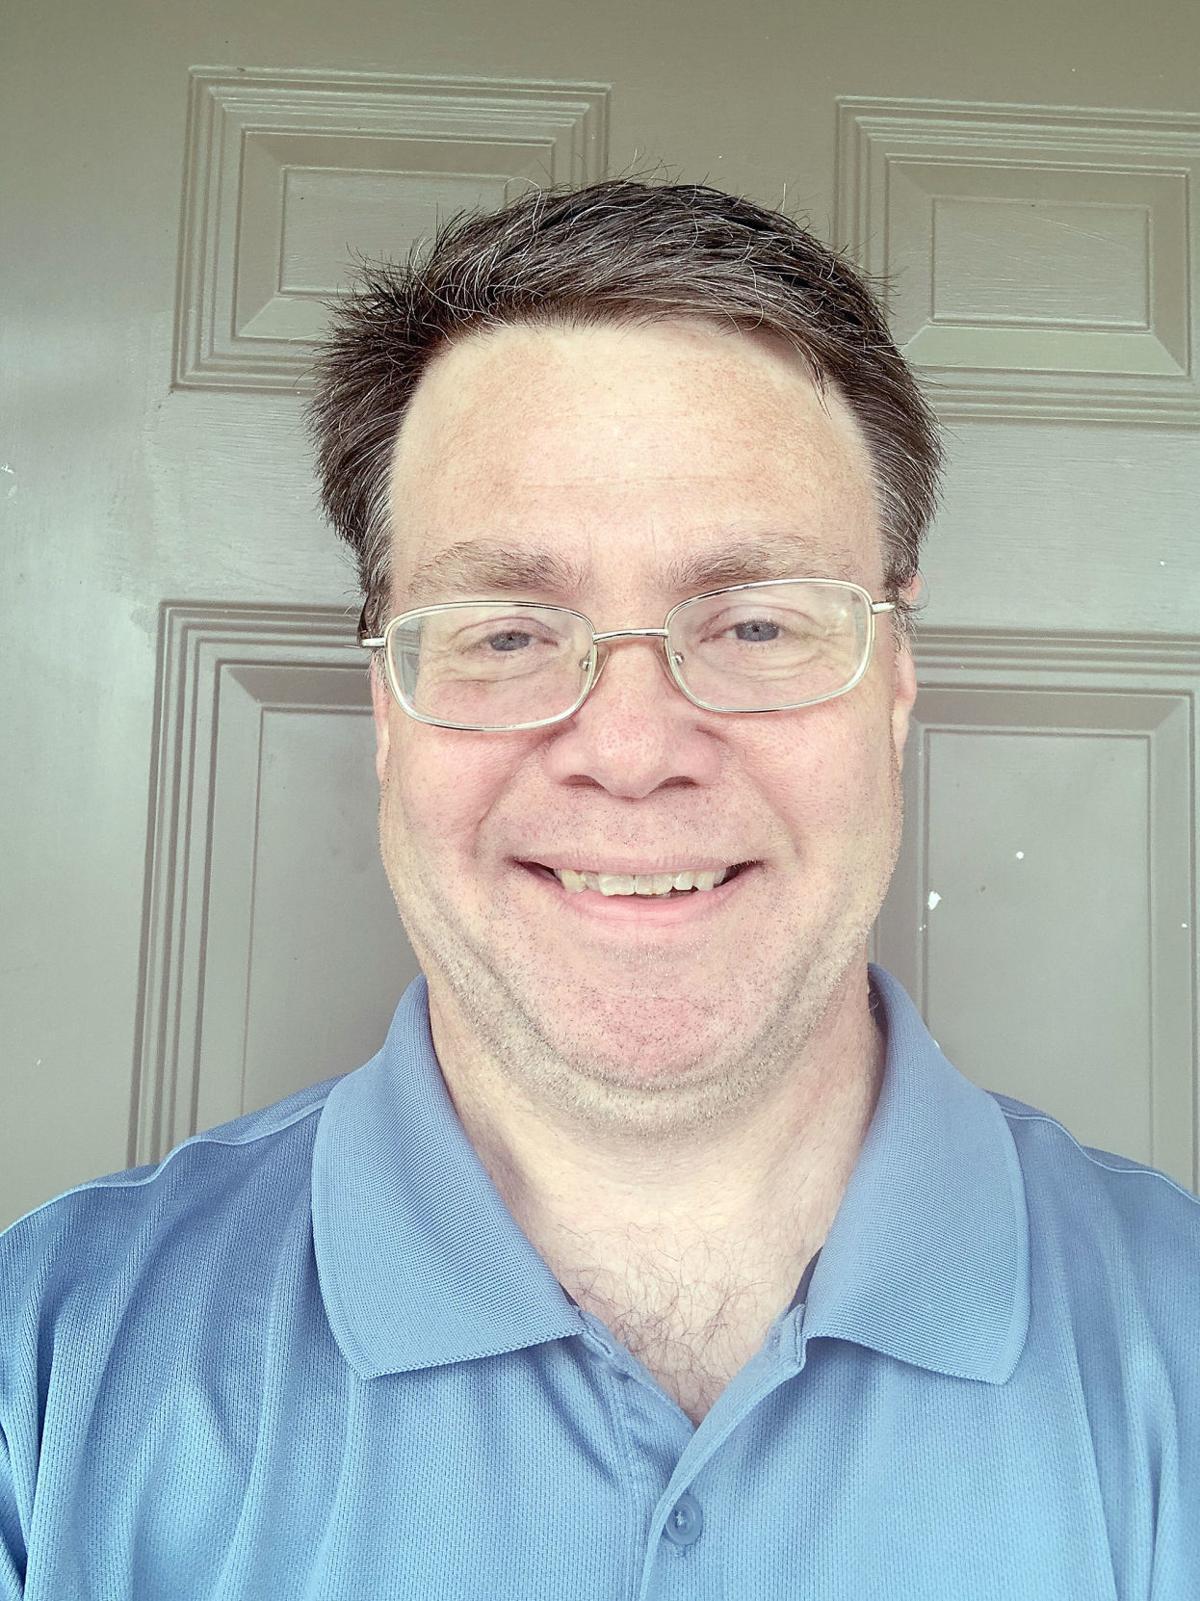 Sports Editor Mark Buffalo